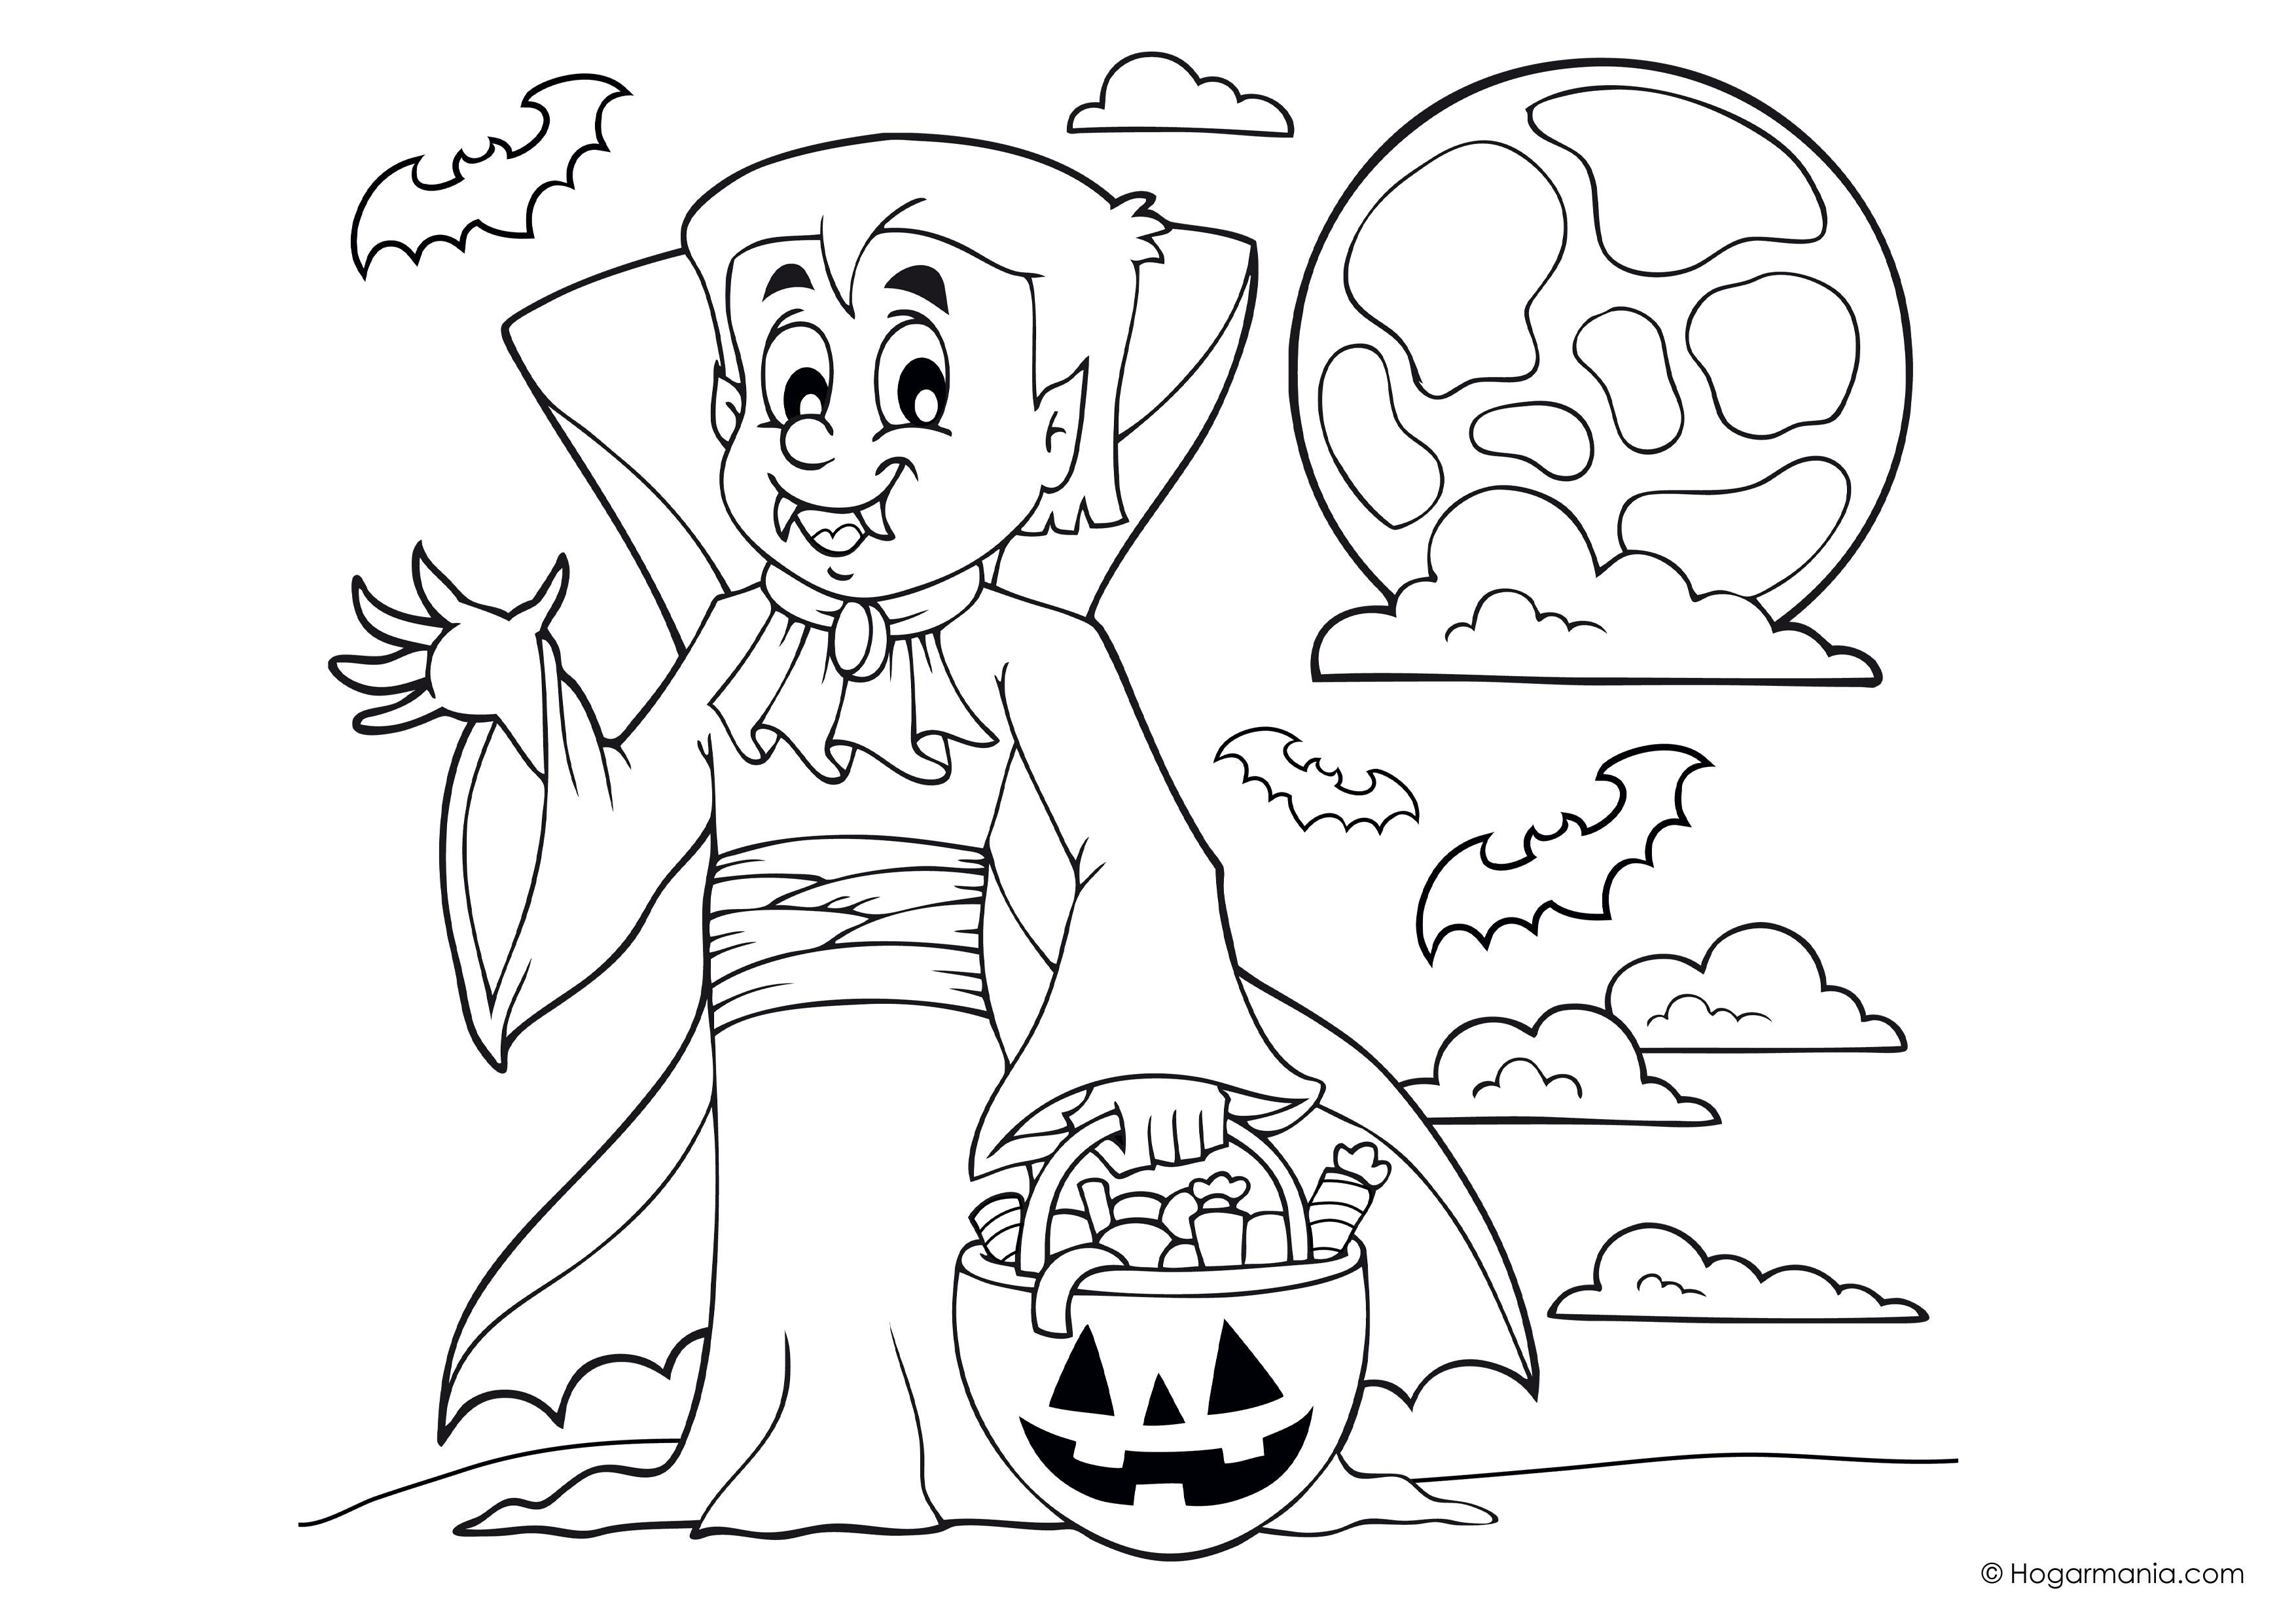 Dibujo Para Colorear De Heihei El Personaje De La: Dibujo De Halloween Con Personajes Para Colorear